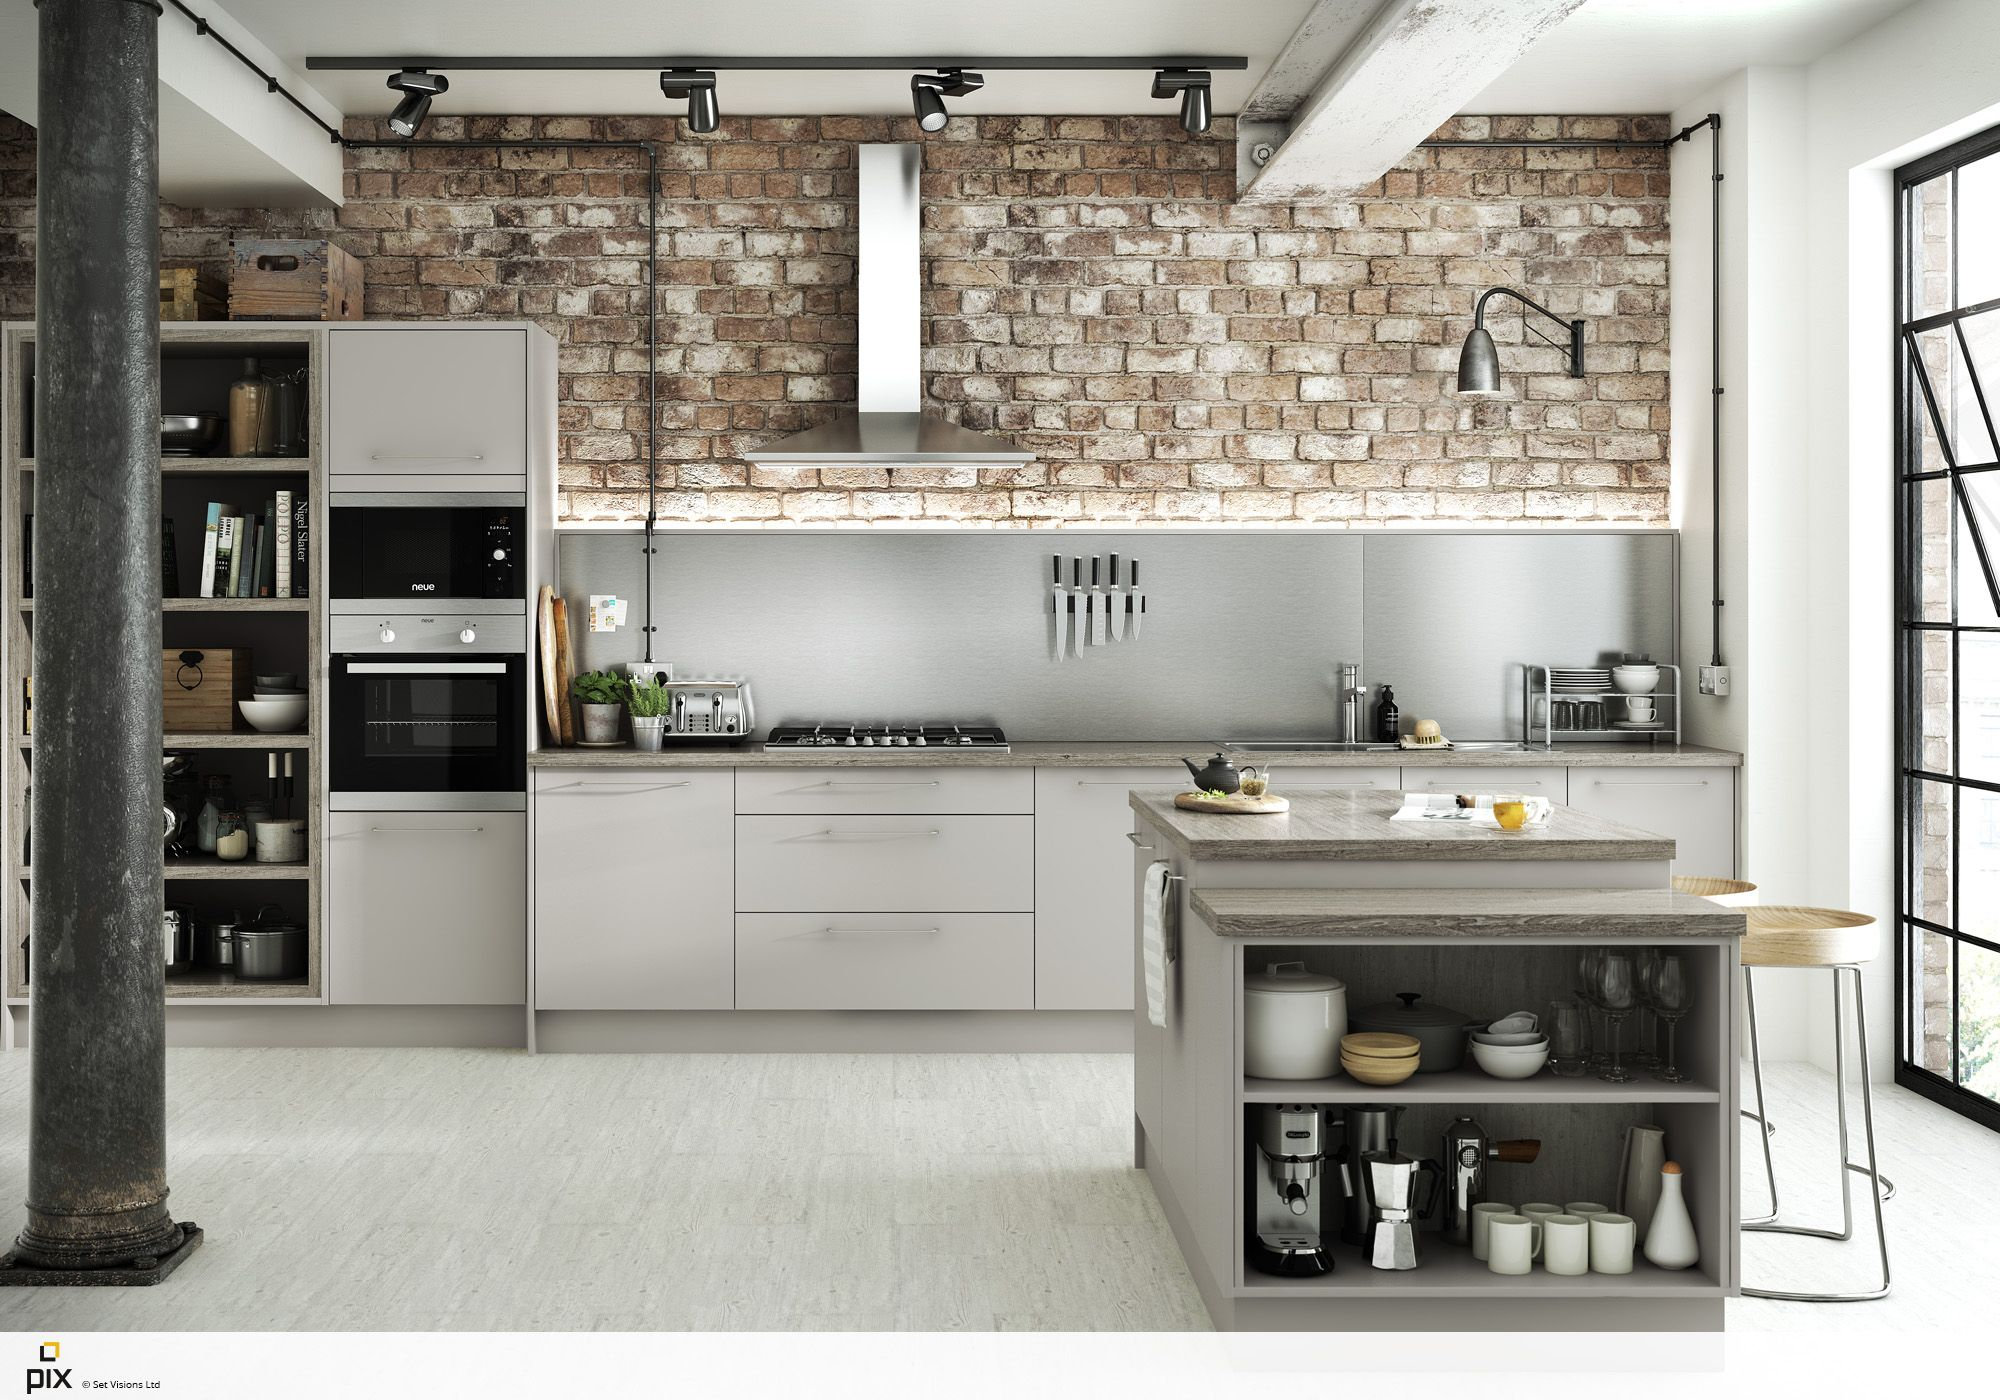 The Open Storage In This Matt Dove Grey Kitchen Is